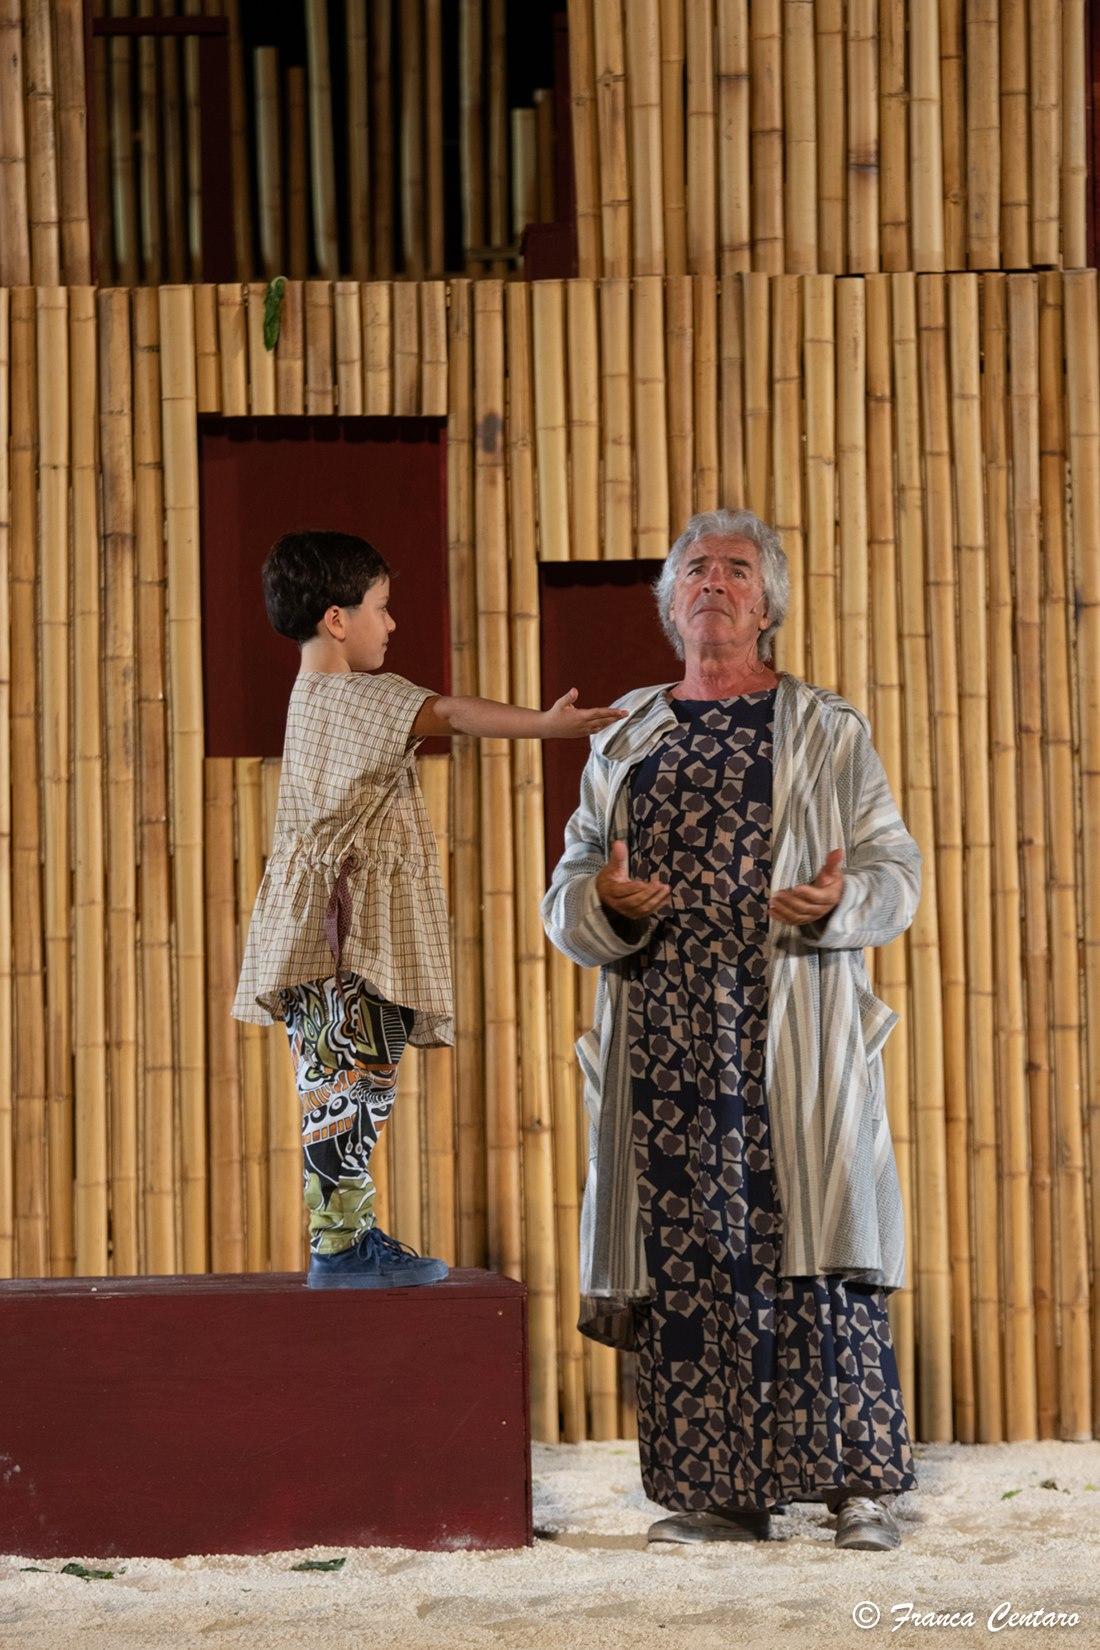 Antichi pensieri – Tullio Solenghi: Lisistrata, il Trio e il teatro